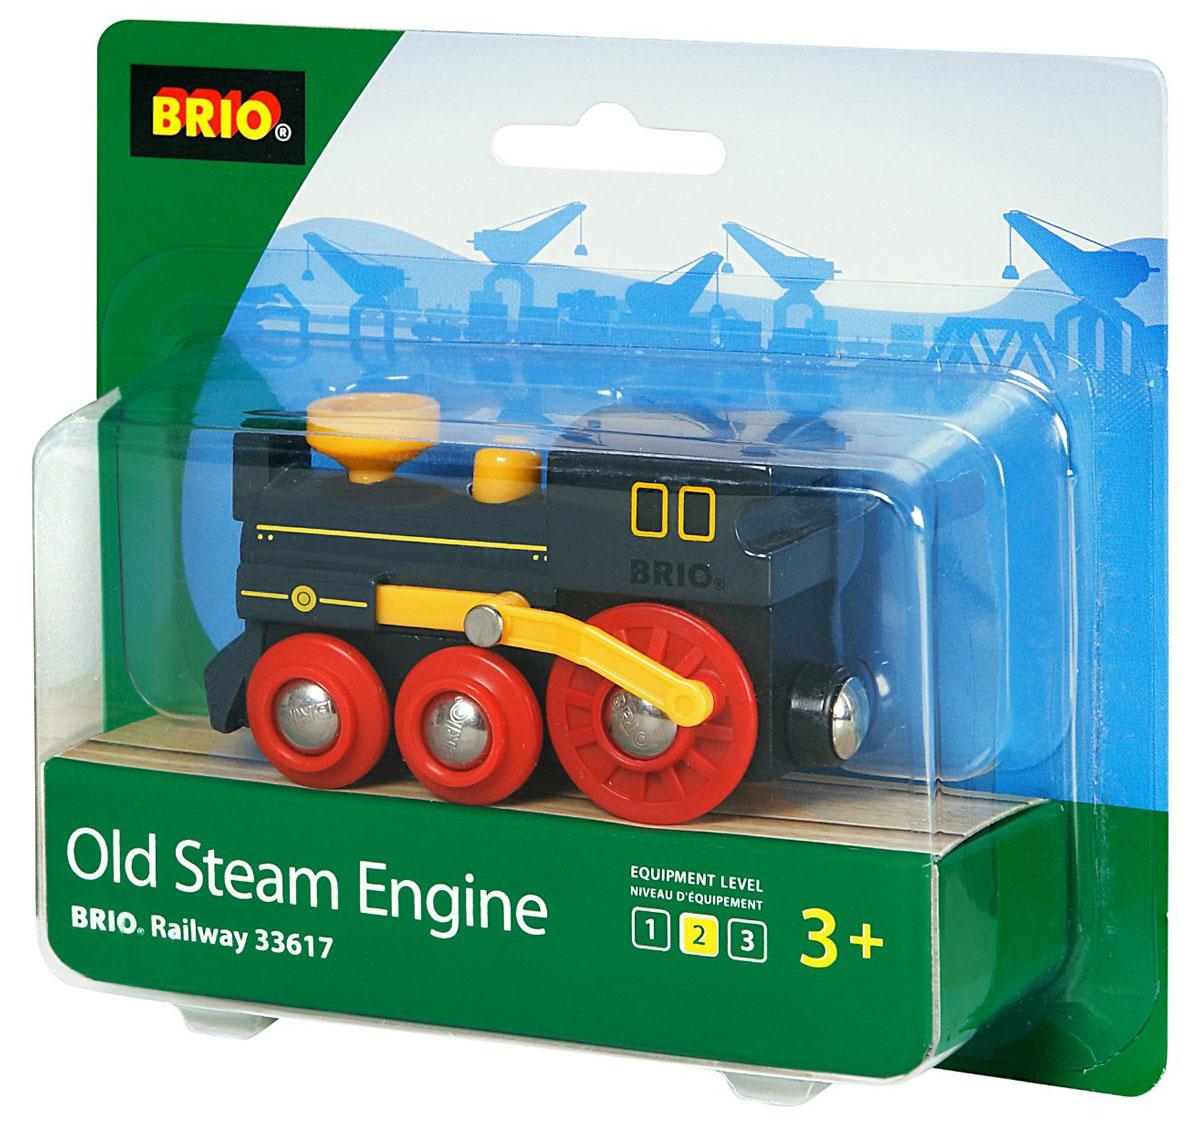 Brio Железная дорога Паровоз классика33617Паровозик дизайна под старину воспроизводит реалистичное поршневое движение, если толкать его вперед. Размер 9х4х5см.